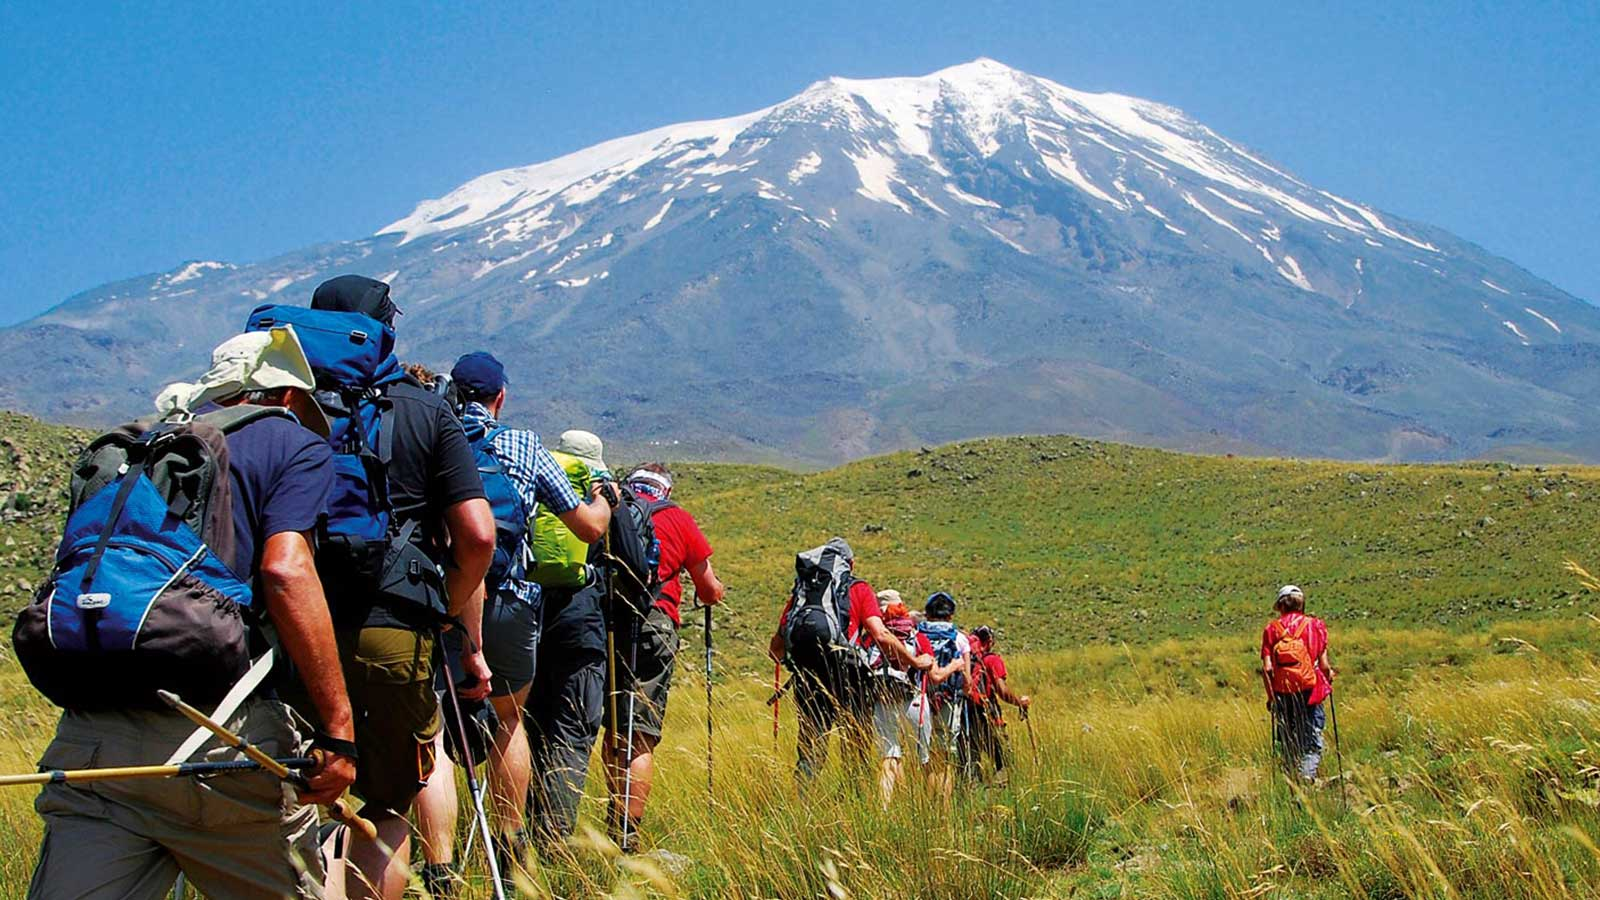 Mountaineering Turkey